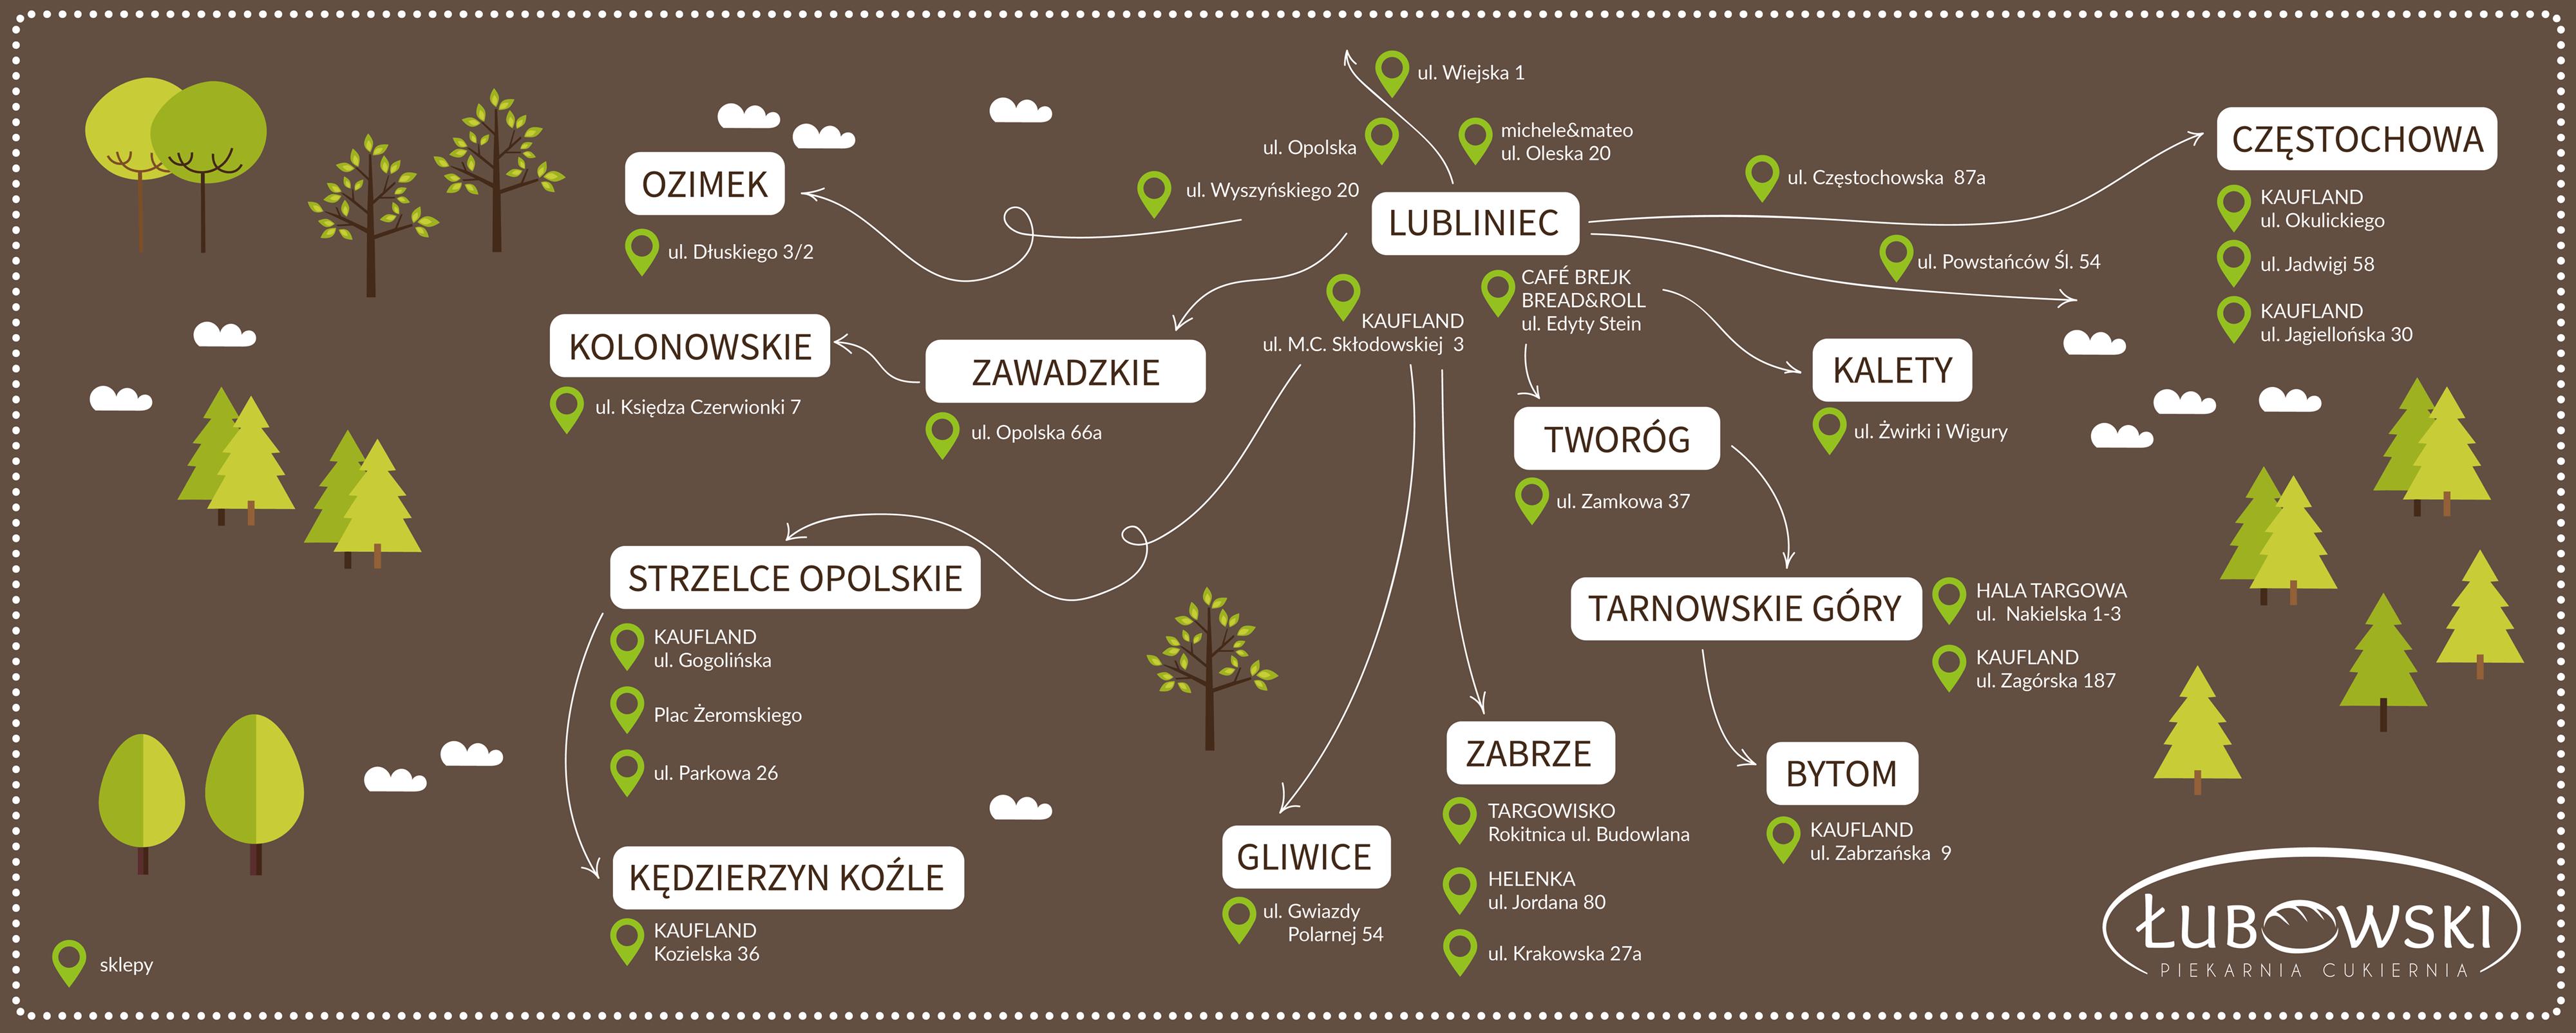 Lokalizacje